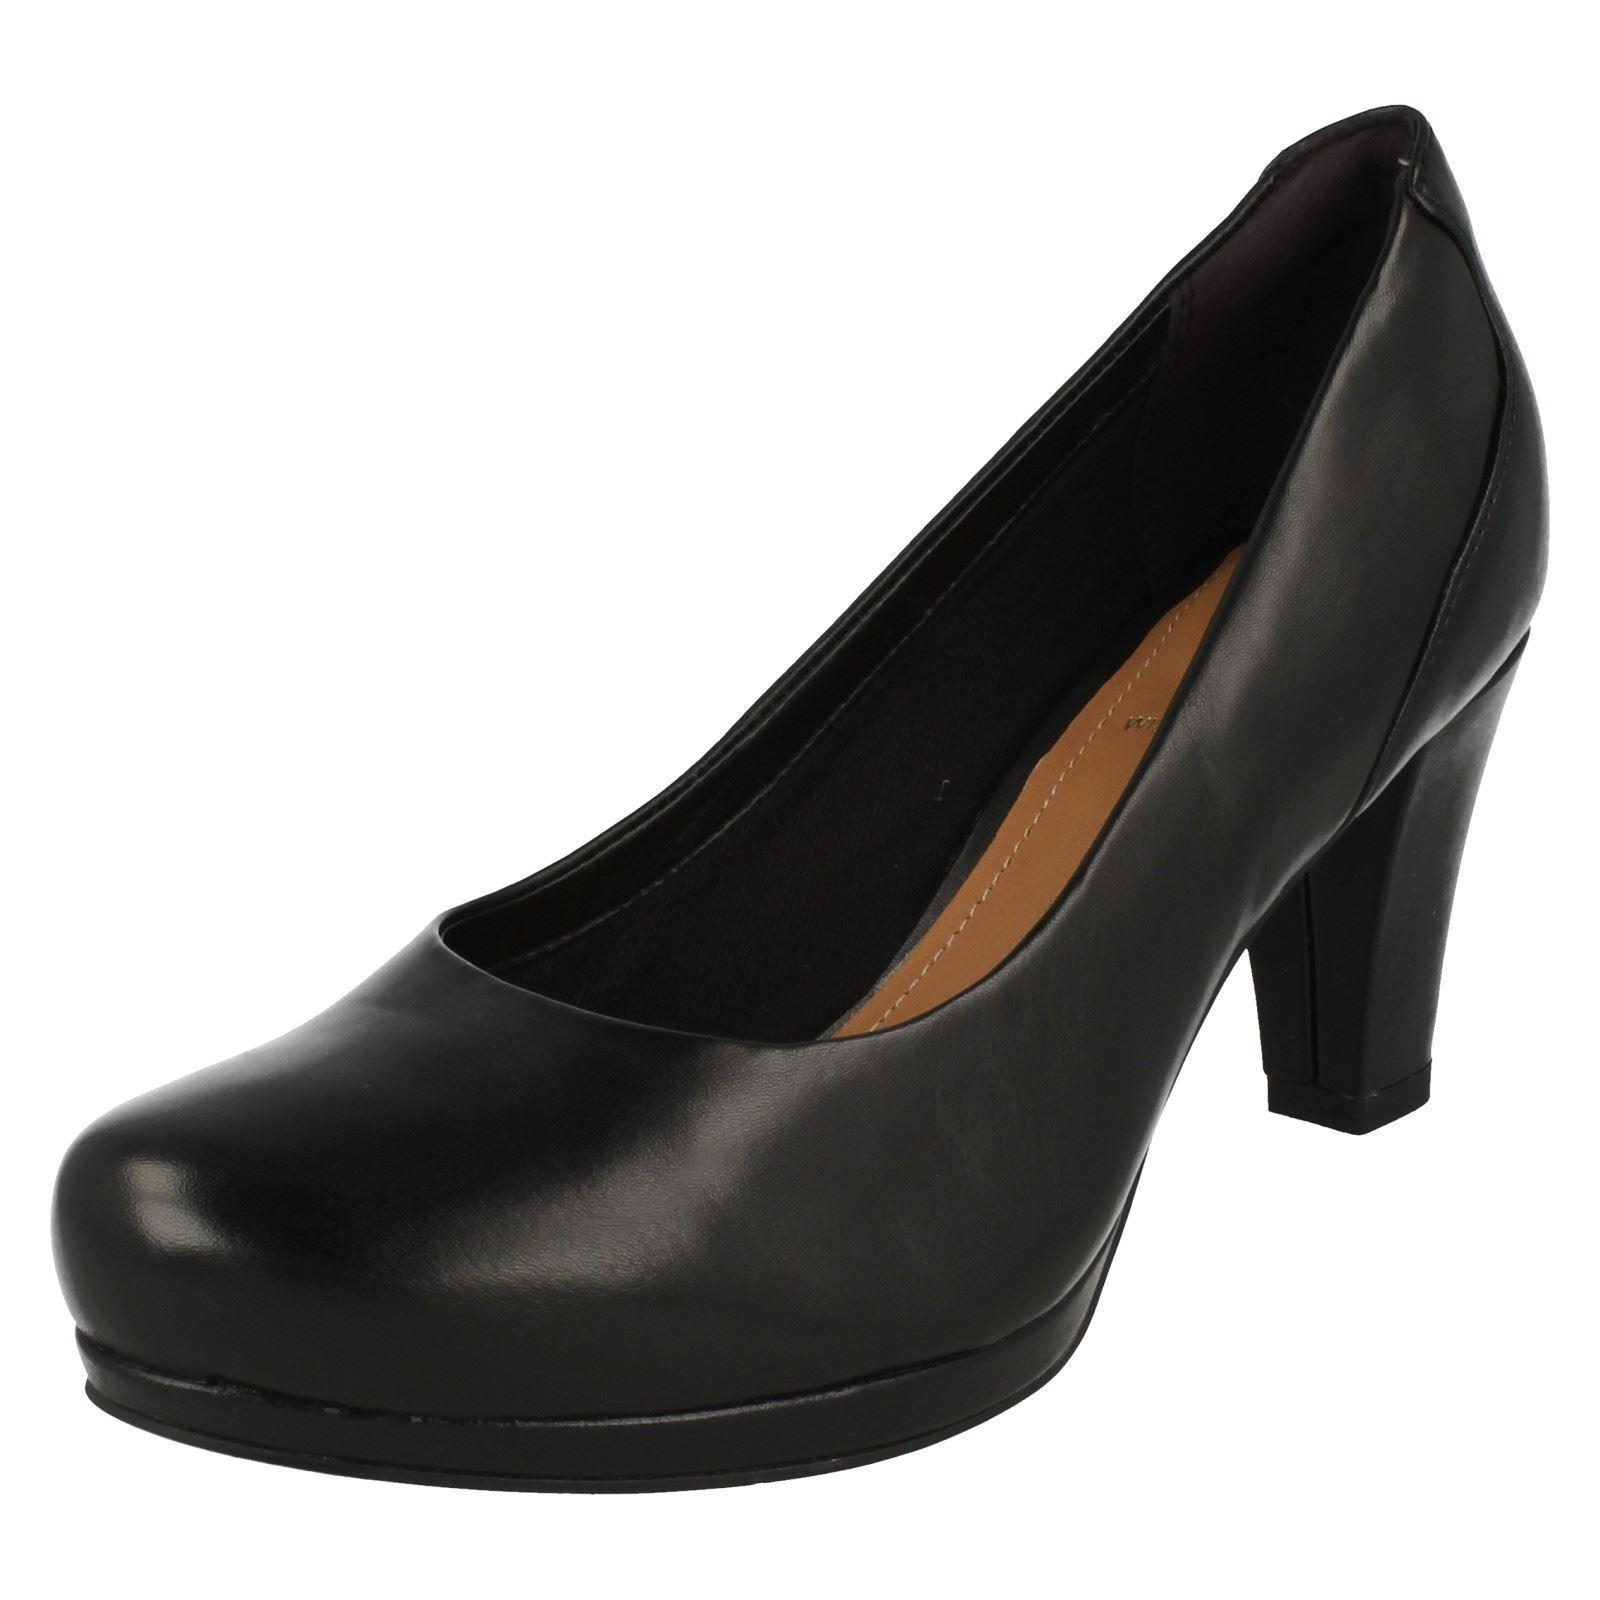 Detalles de Mujer Clarks Elegante Zapatos de Salón ' Coro Chic '